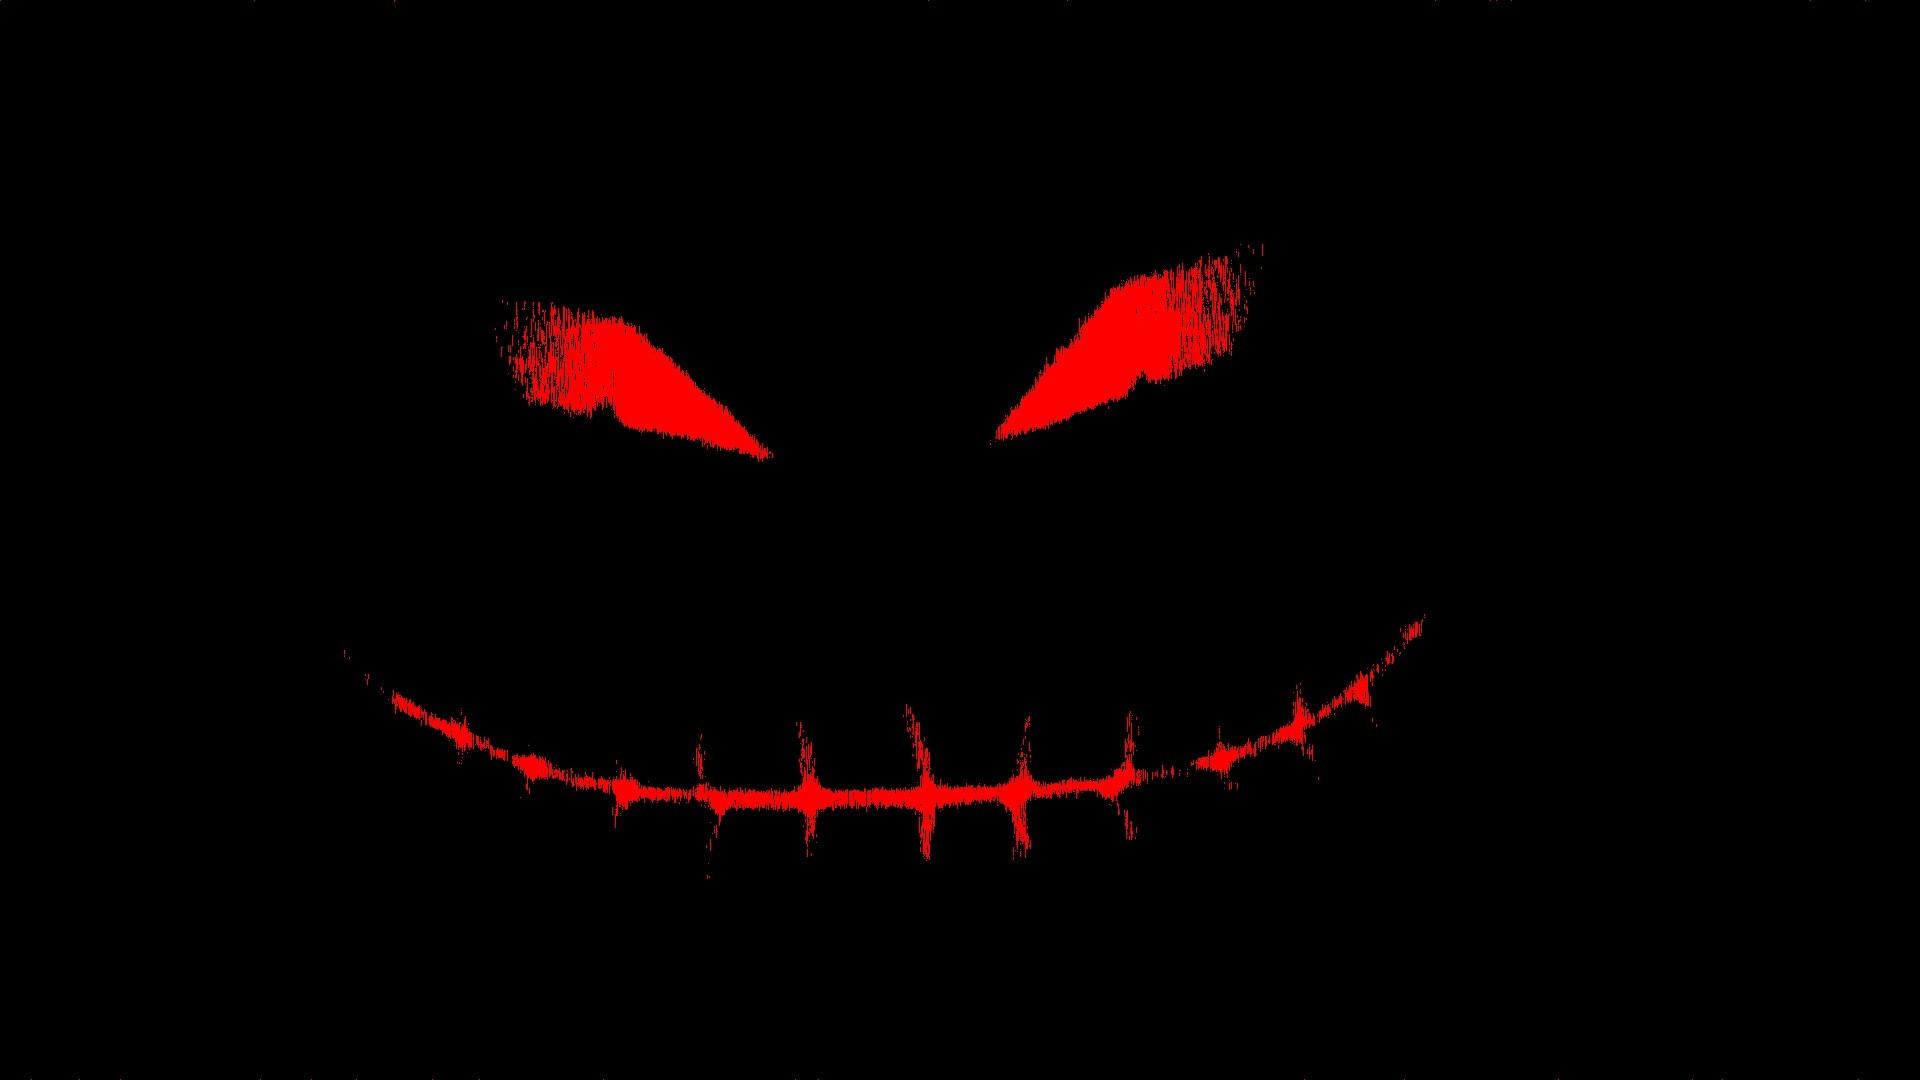 Black Red Wallpaper Black, Red, Oogie, Boogie